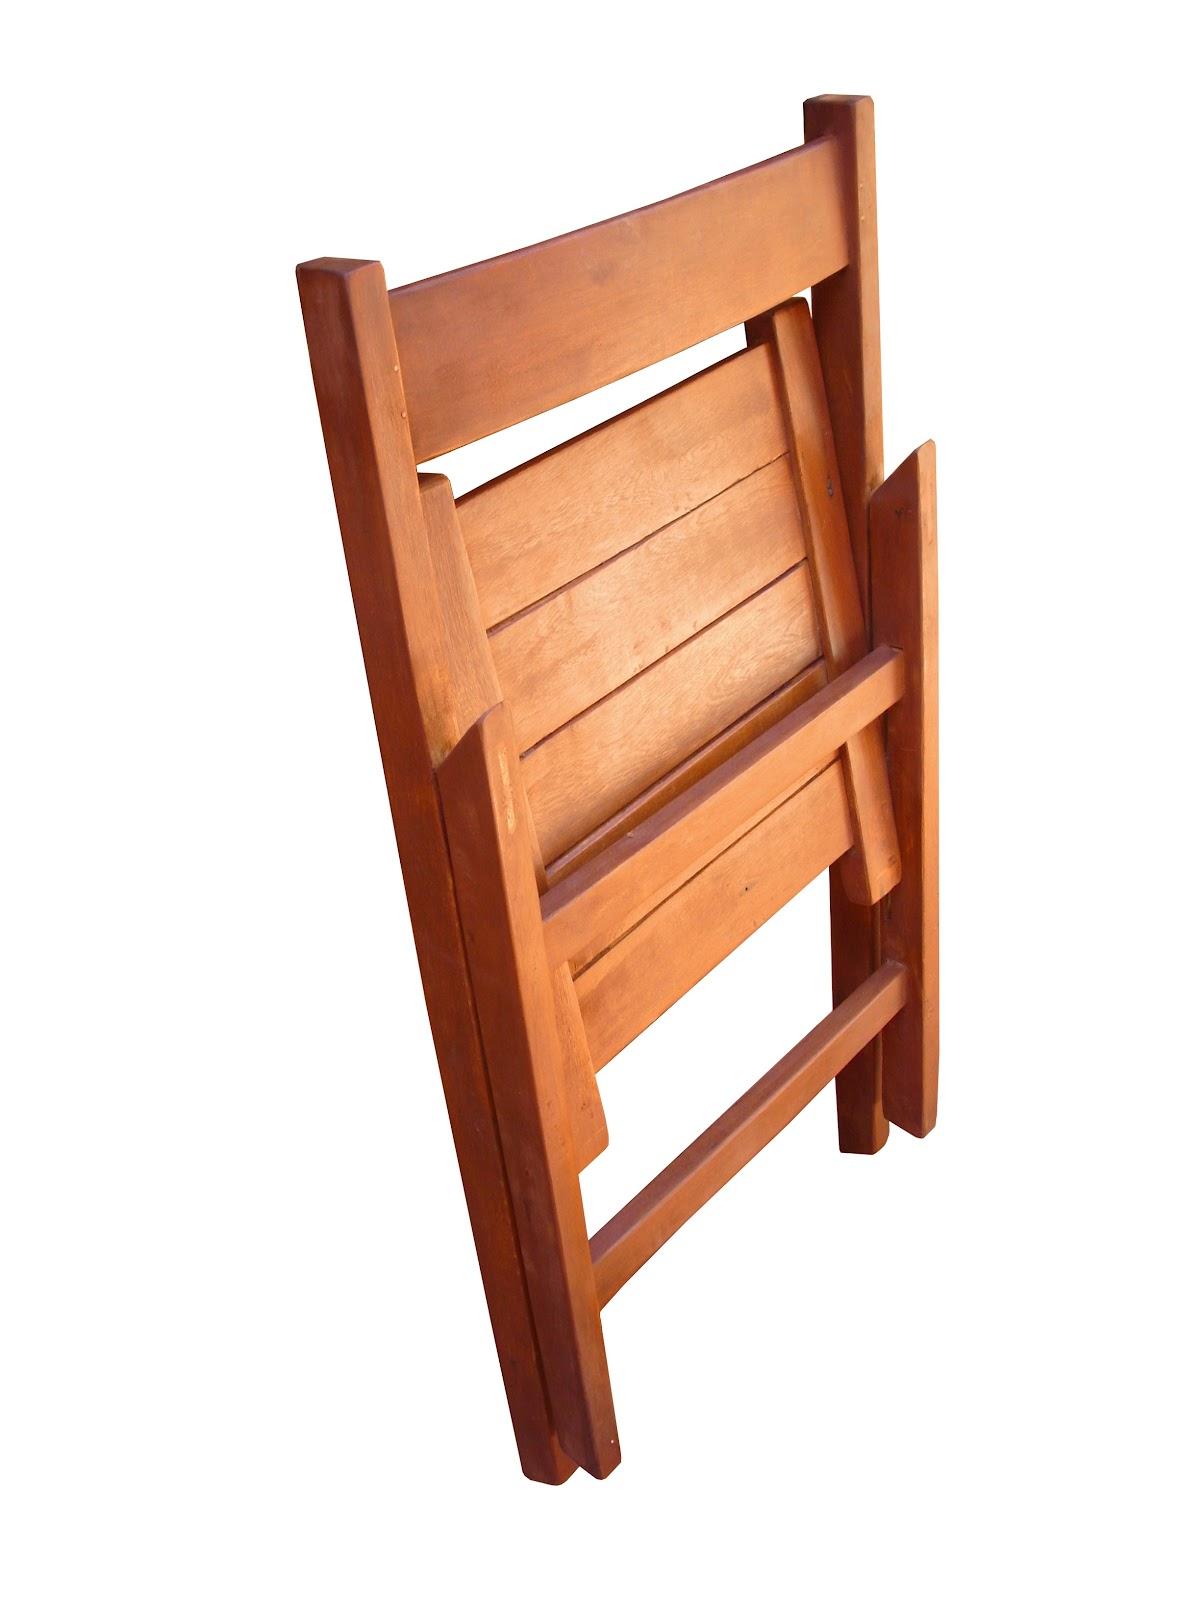 Silla plegable madera de guayaibi interior exterior for Sillas madera modernas